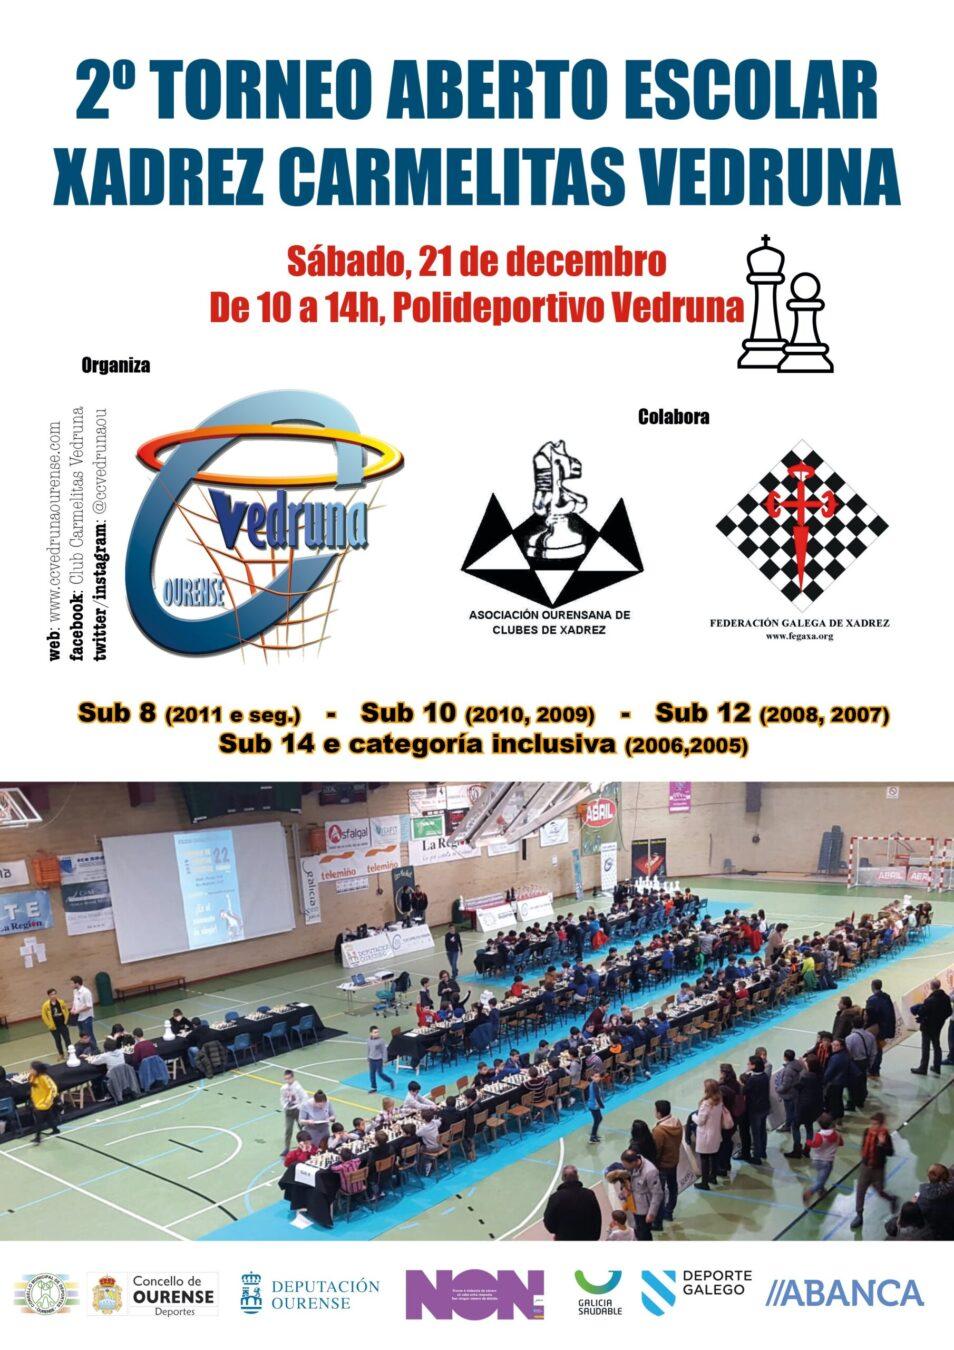 II Torneo Aberto Escolar de Xadrez Carmelitas Vedruna